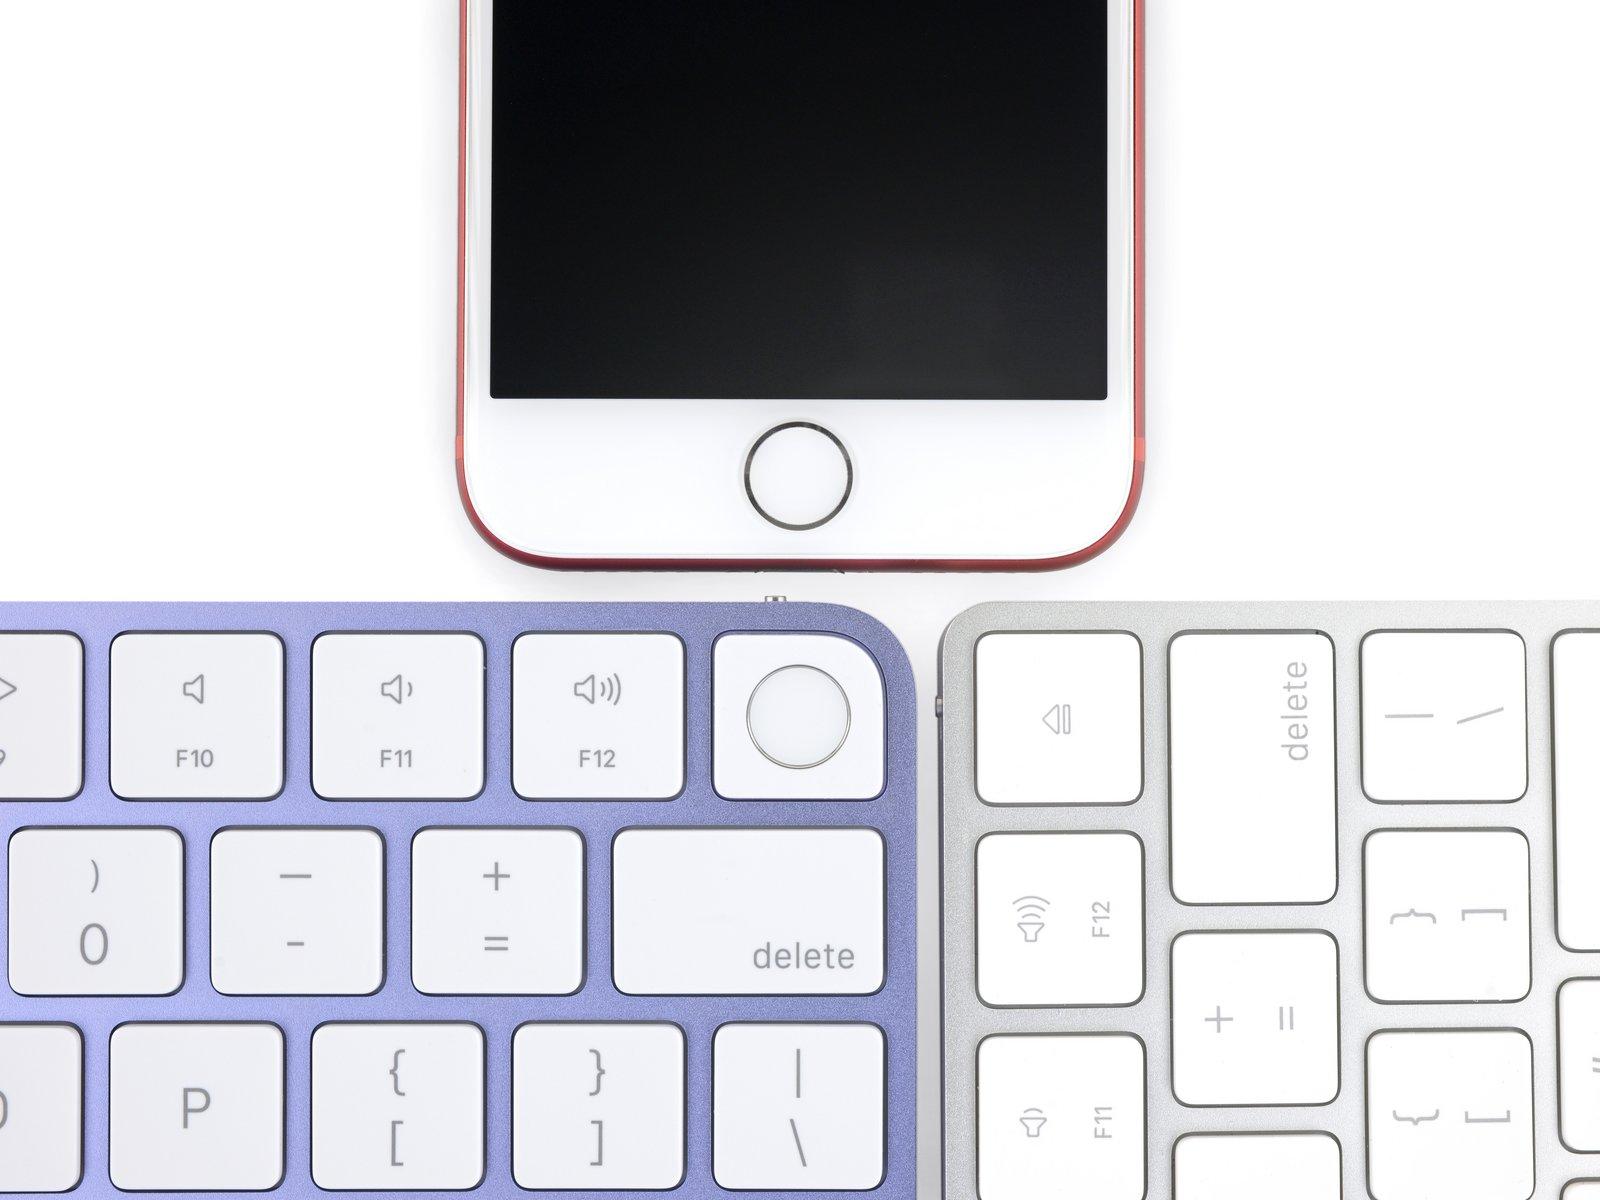 Teclado con Touch ID de un iMac con M1, el mismo botón que el iPhone 7